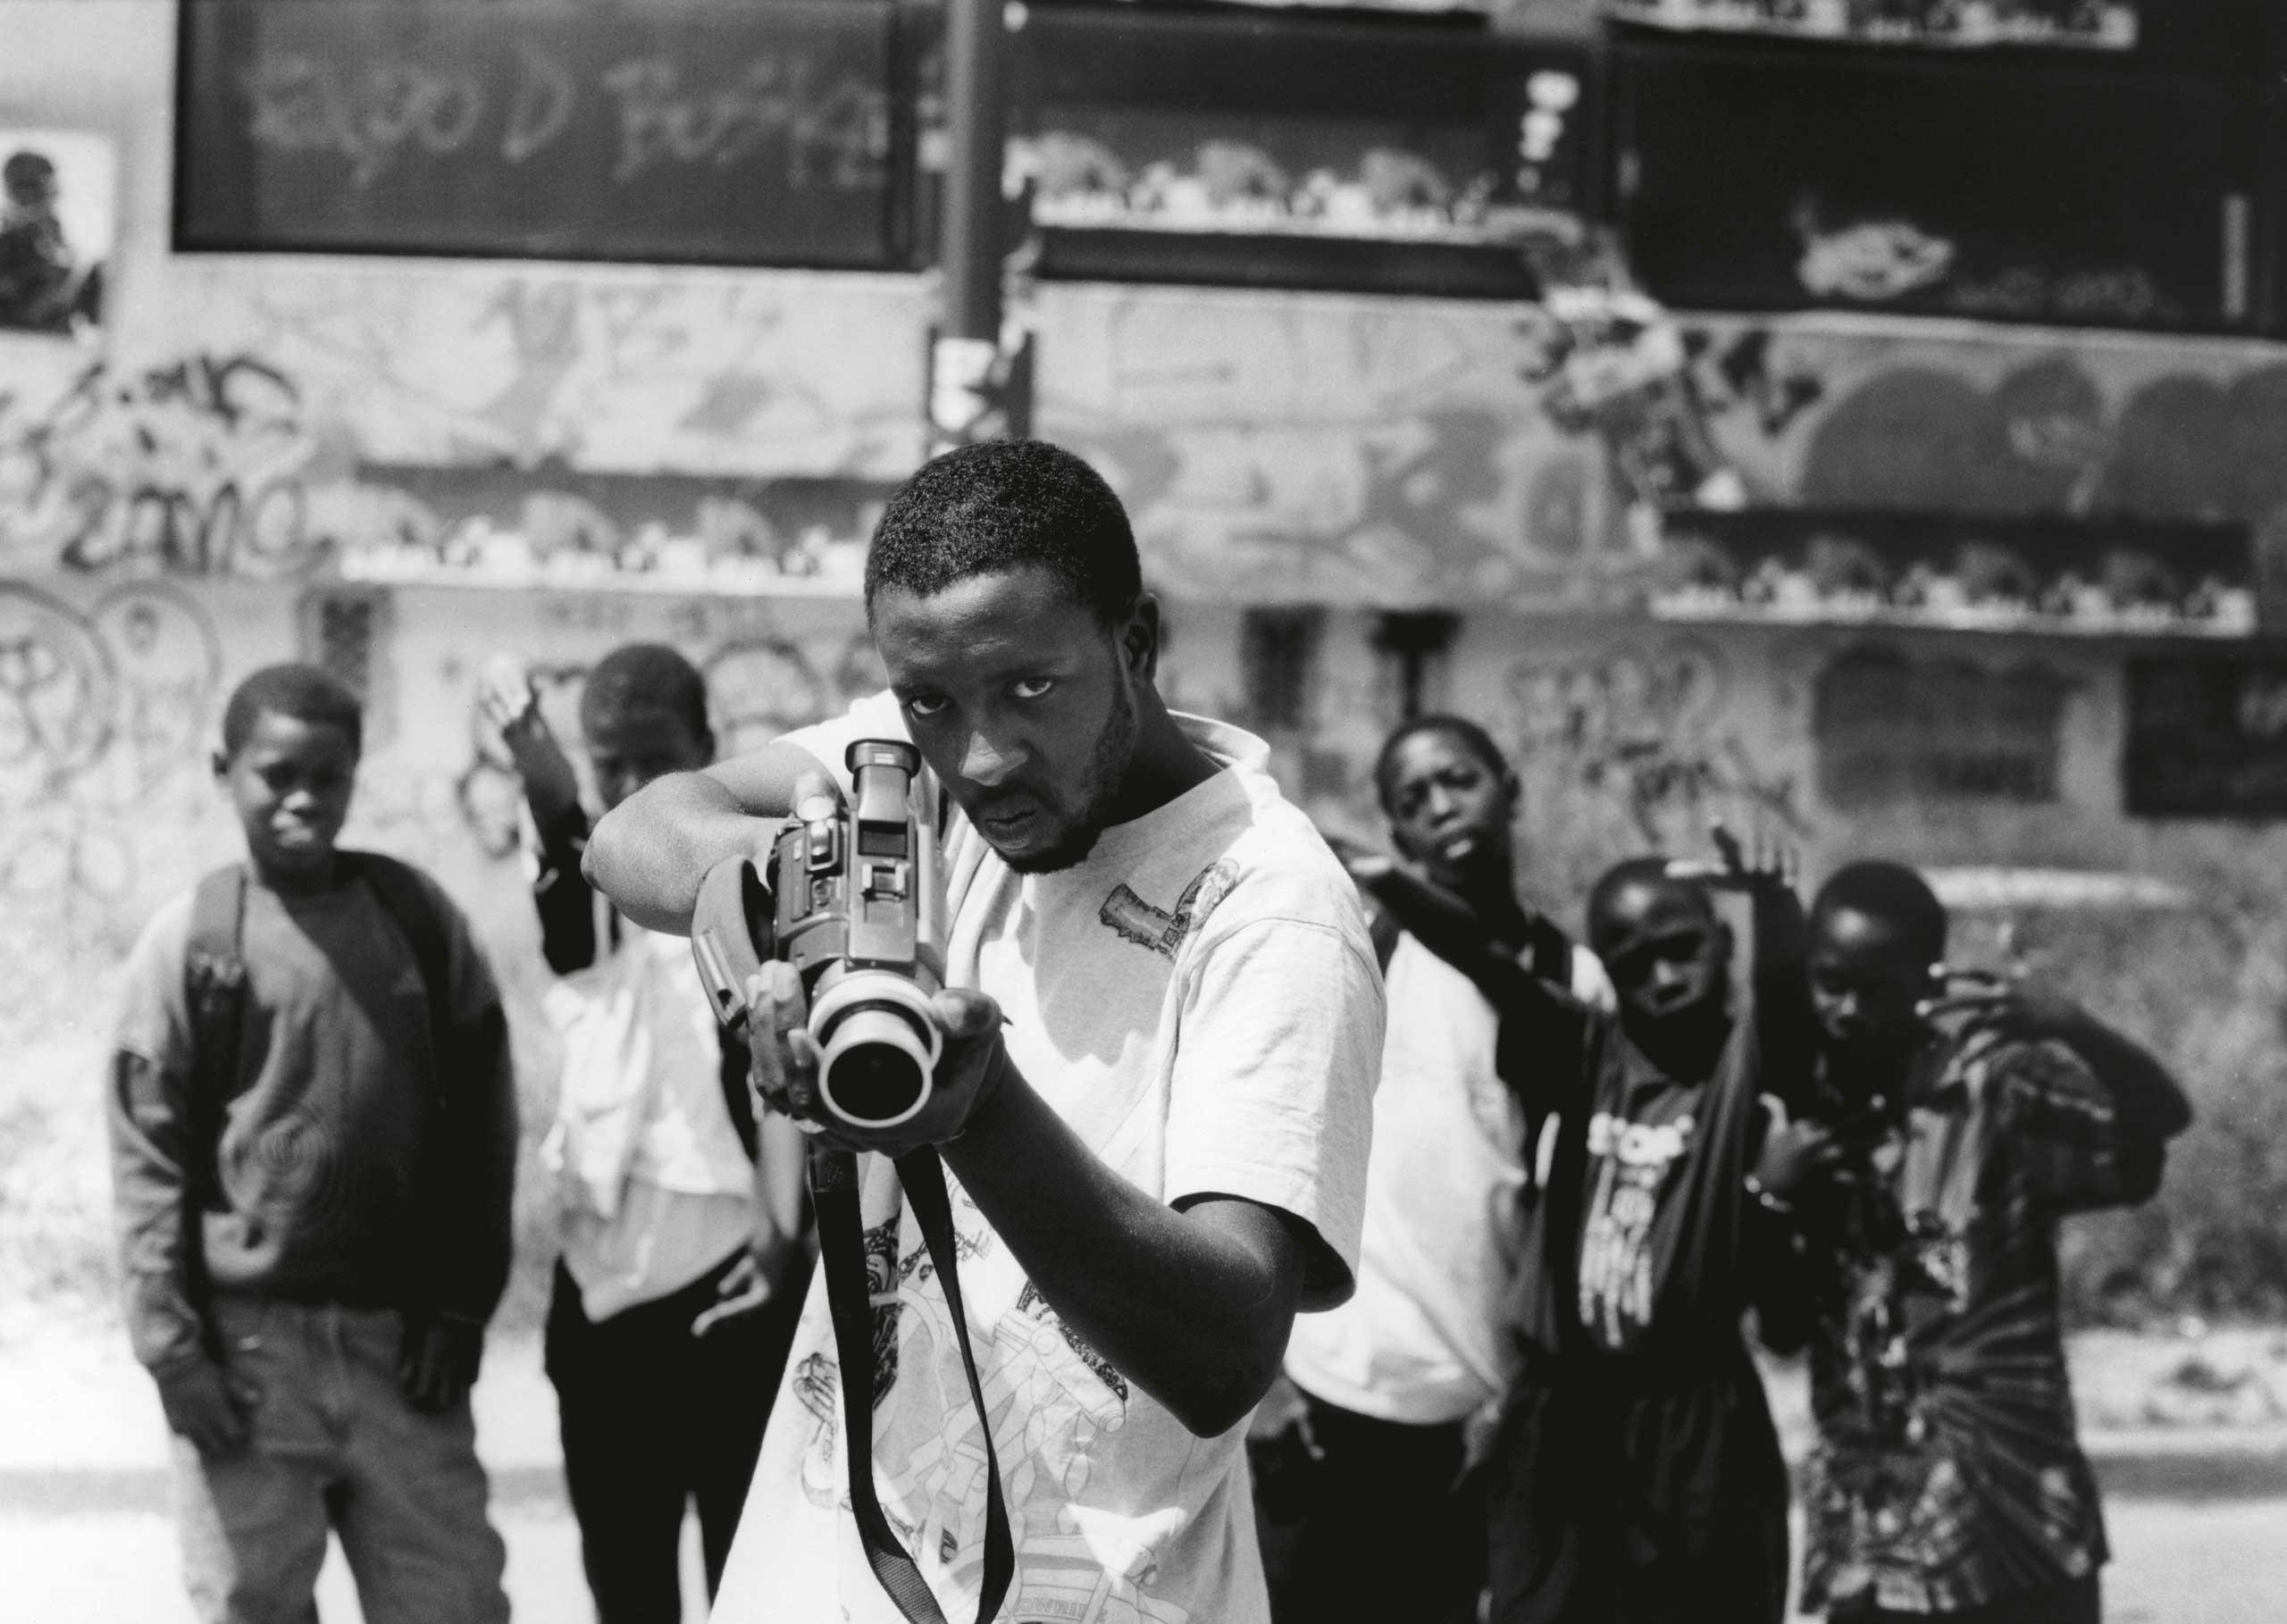 Portrait of a Generation: Braquage, Ladj Ly, Les Bosquets, Montfermeil, France, 2004.